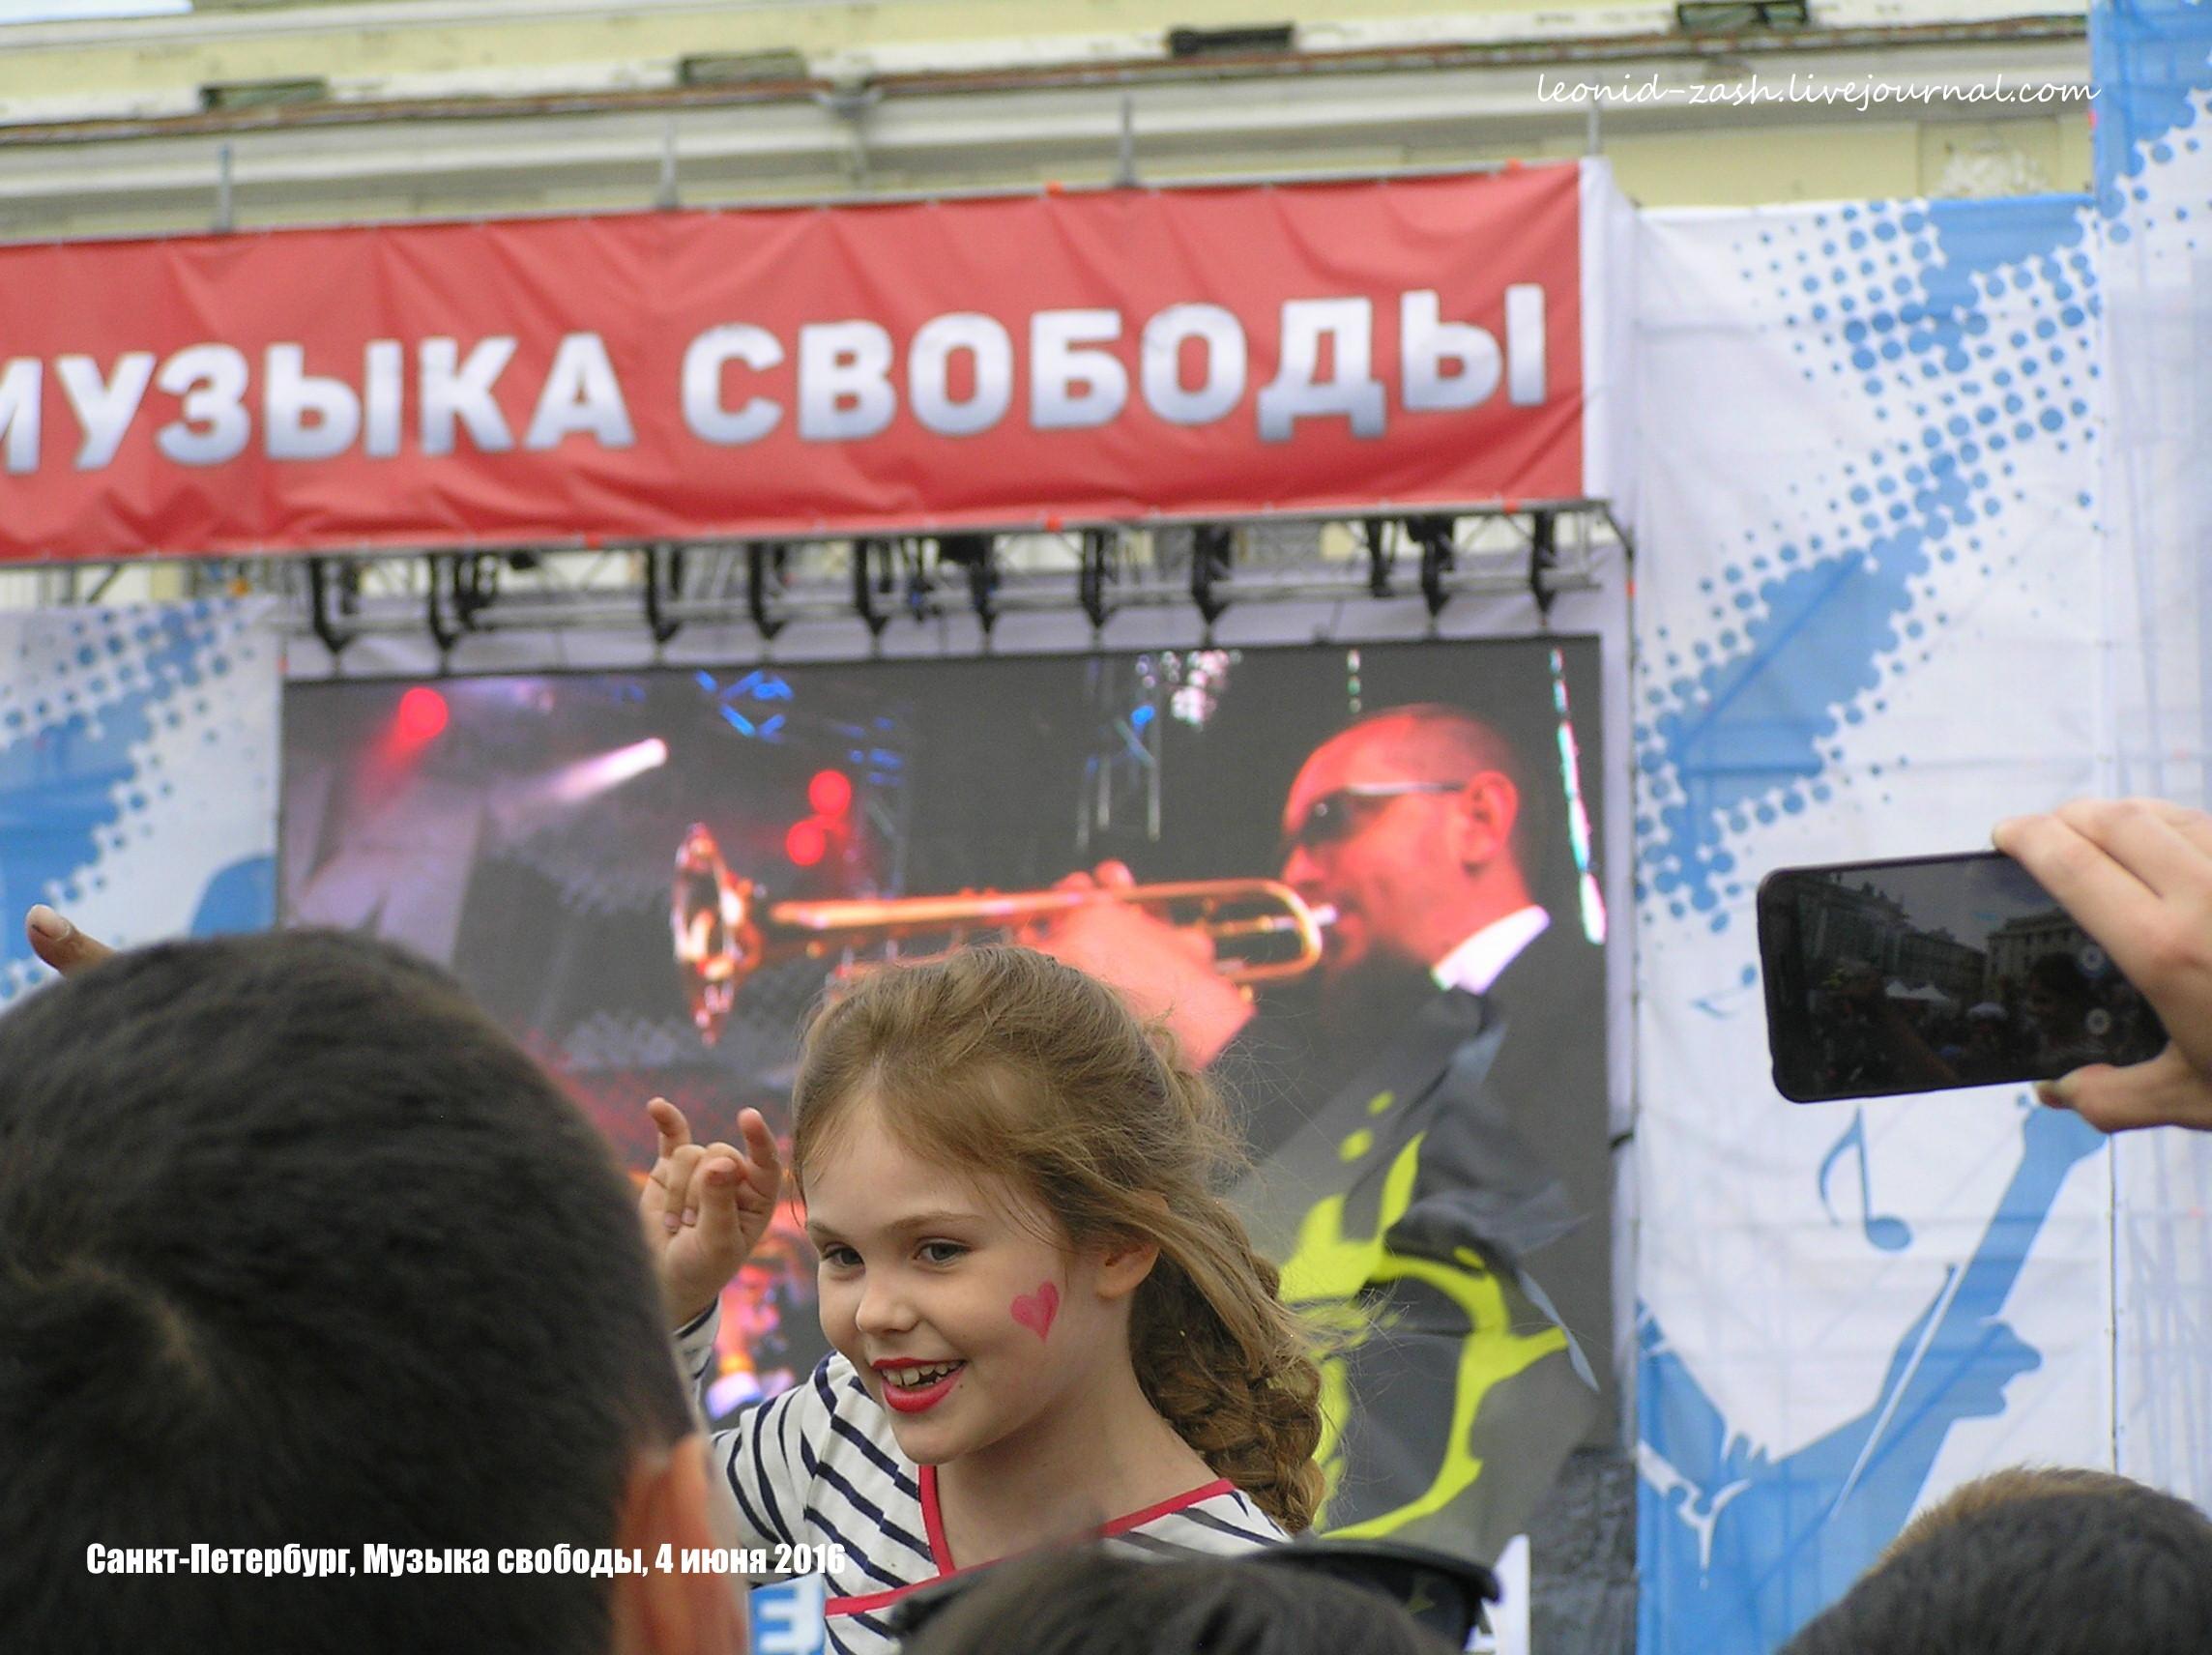 #МузыкаСвободы 090.JPG